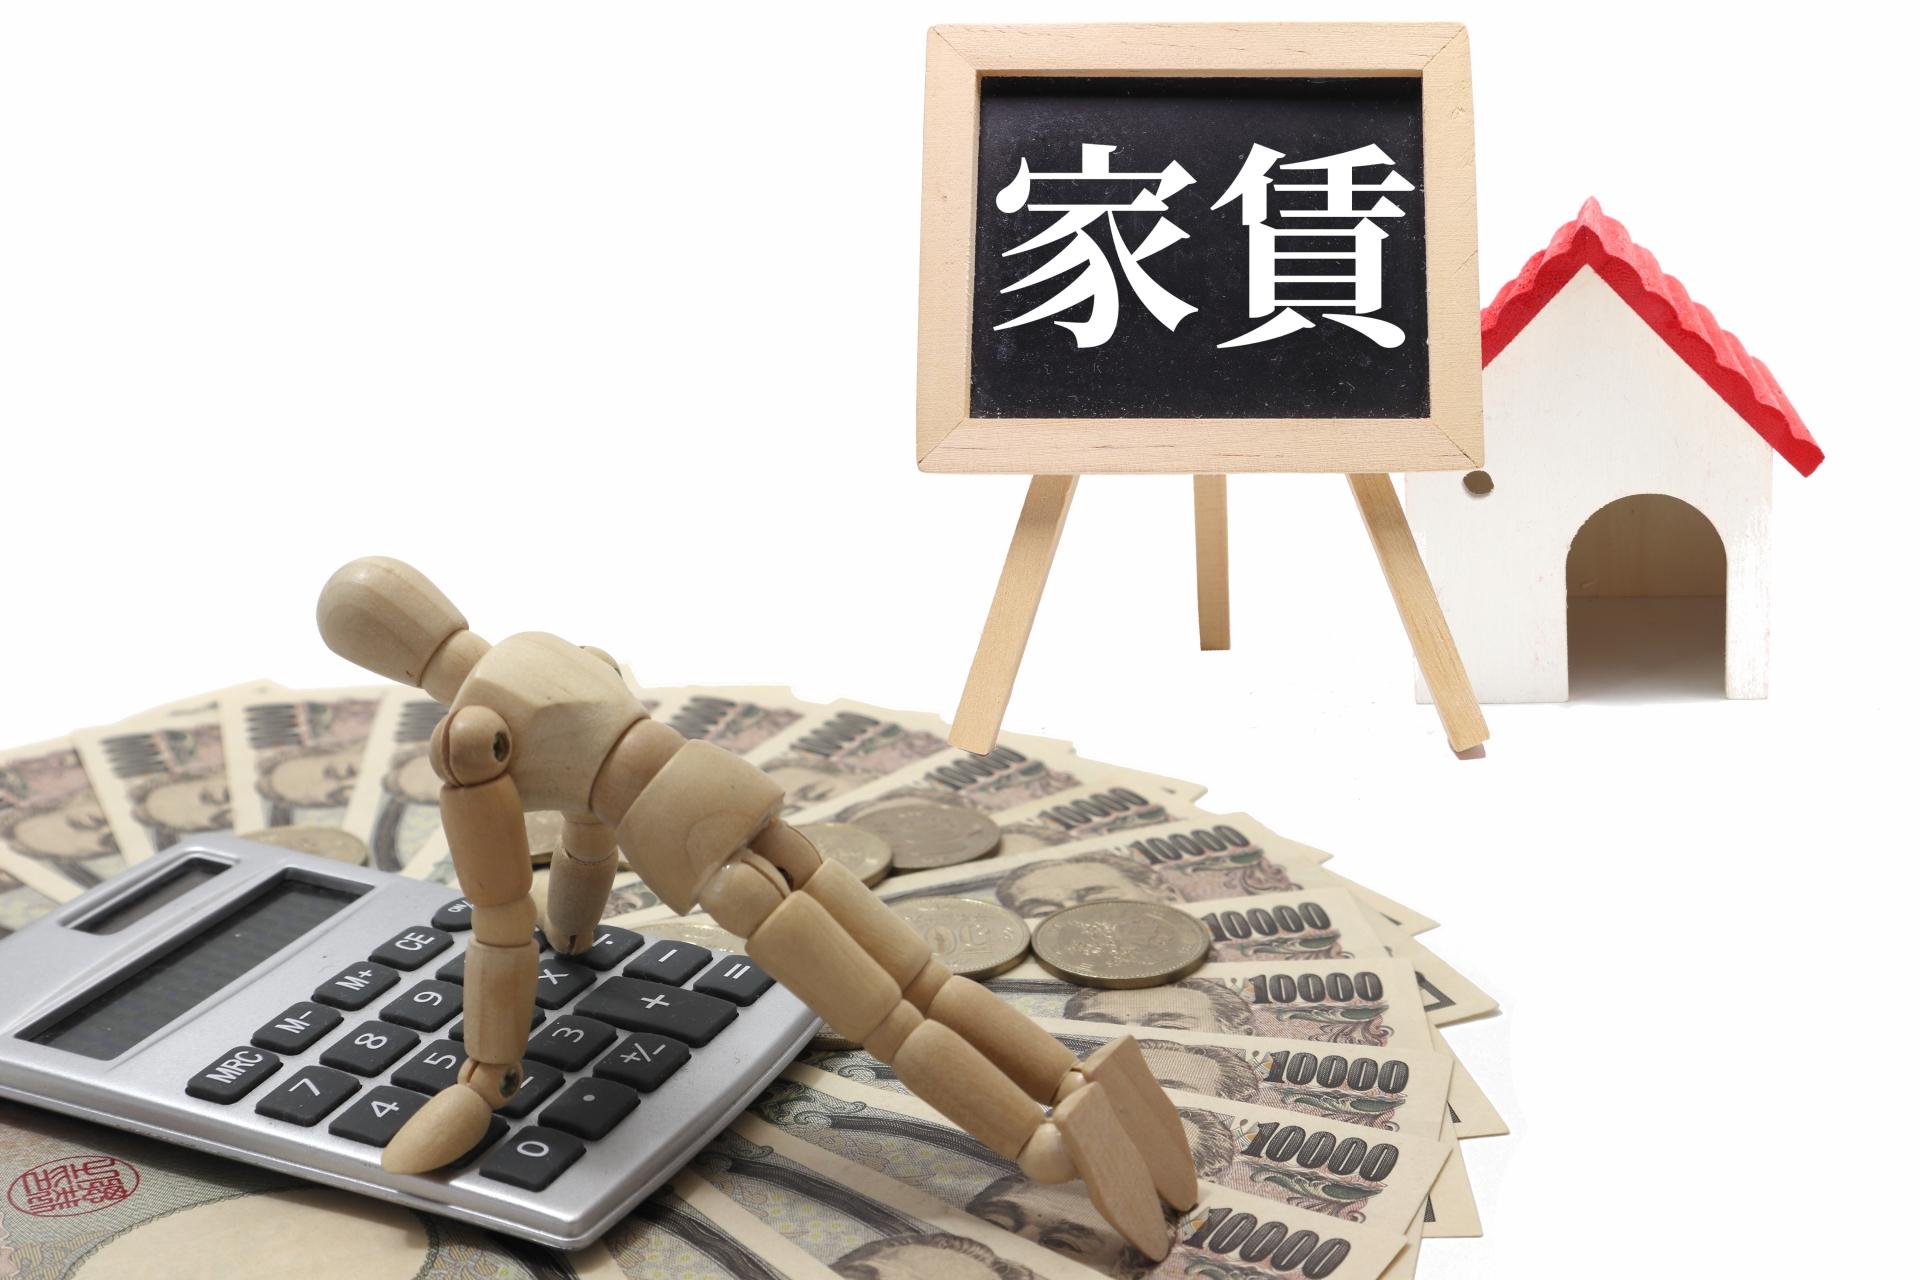 【賃貸の家賃交渉】 大家と管理会社が異なる状況で成功した方法